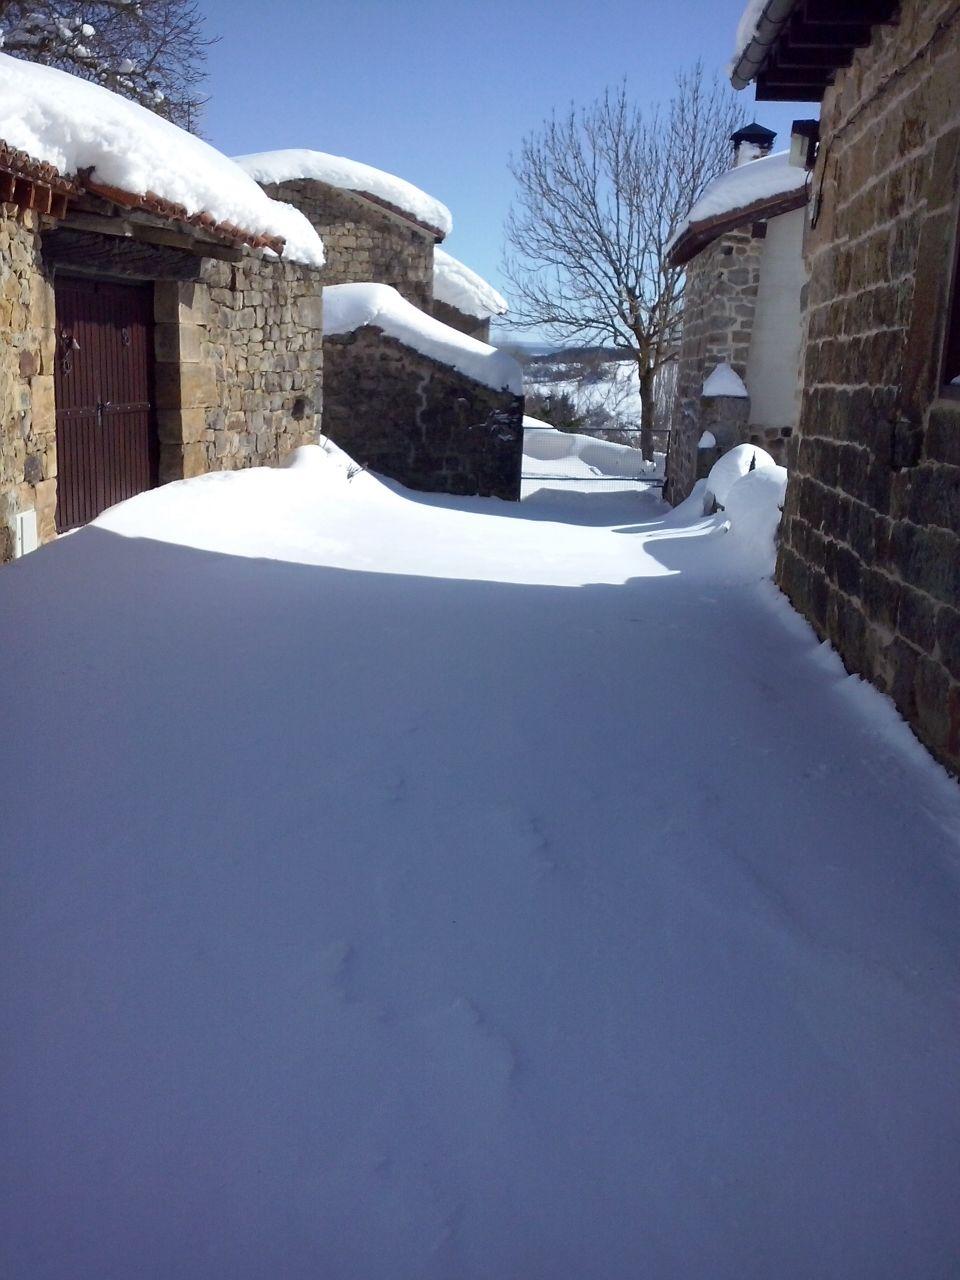 https://www.navamuel.es/images/Nevada2015v2/Nieve.jpg